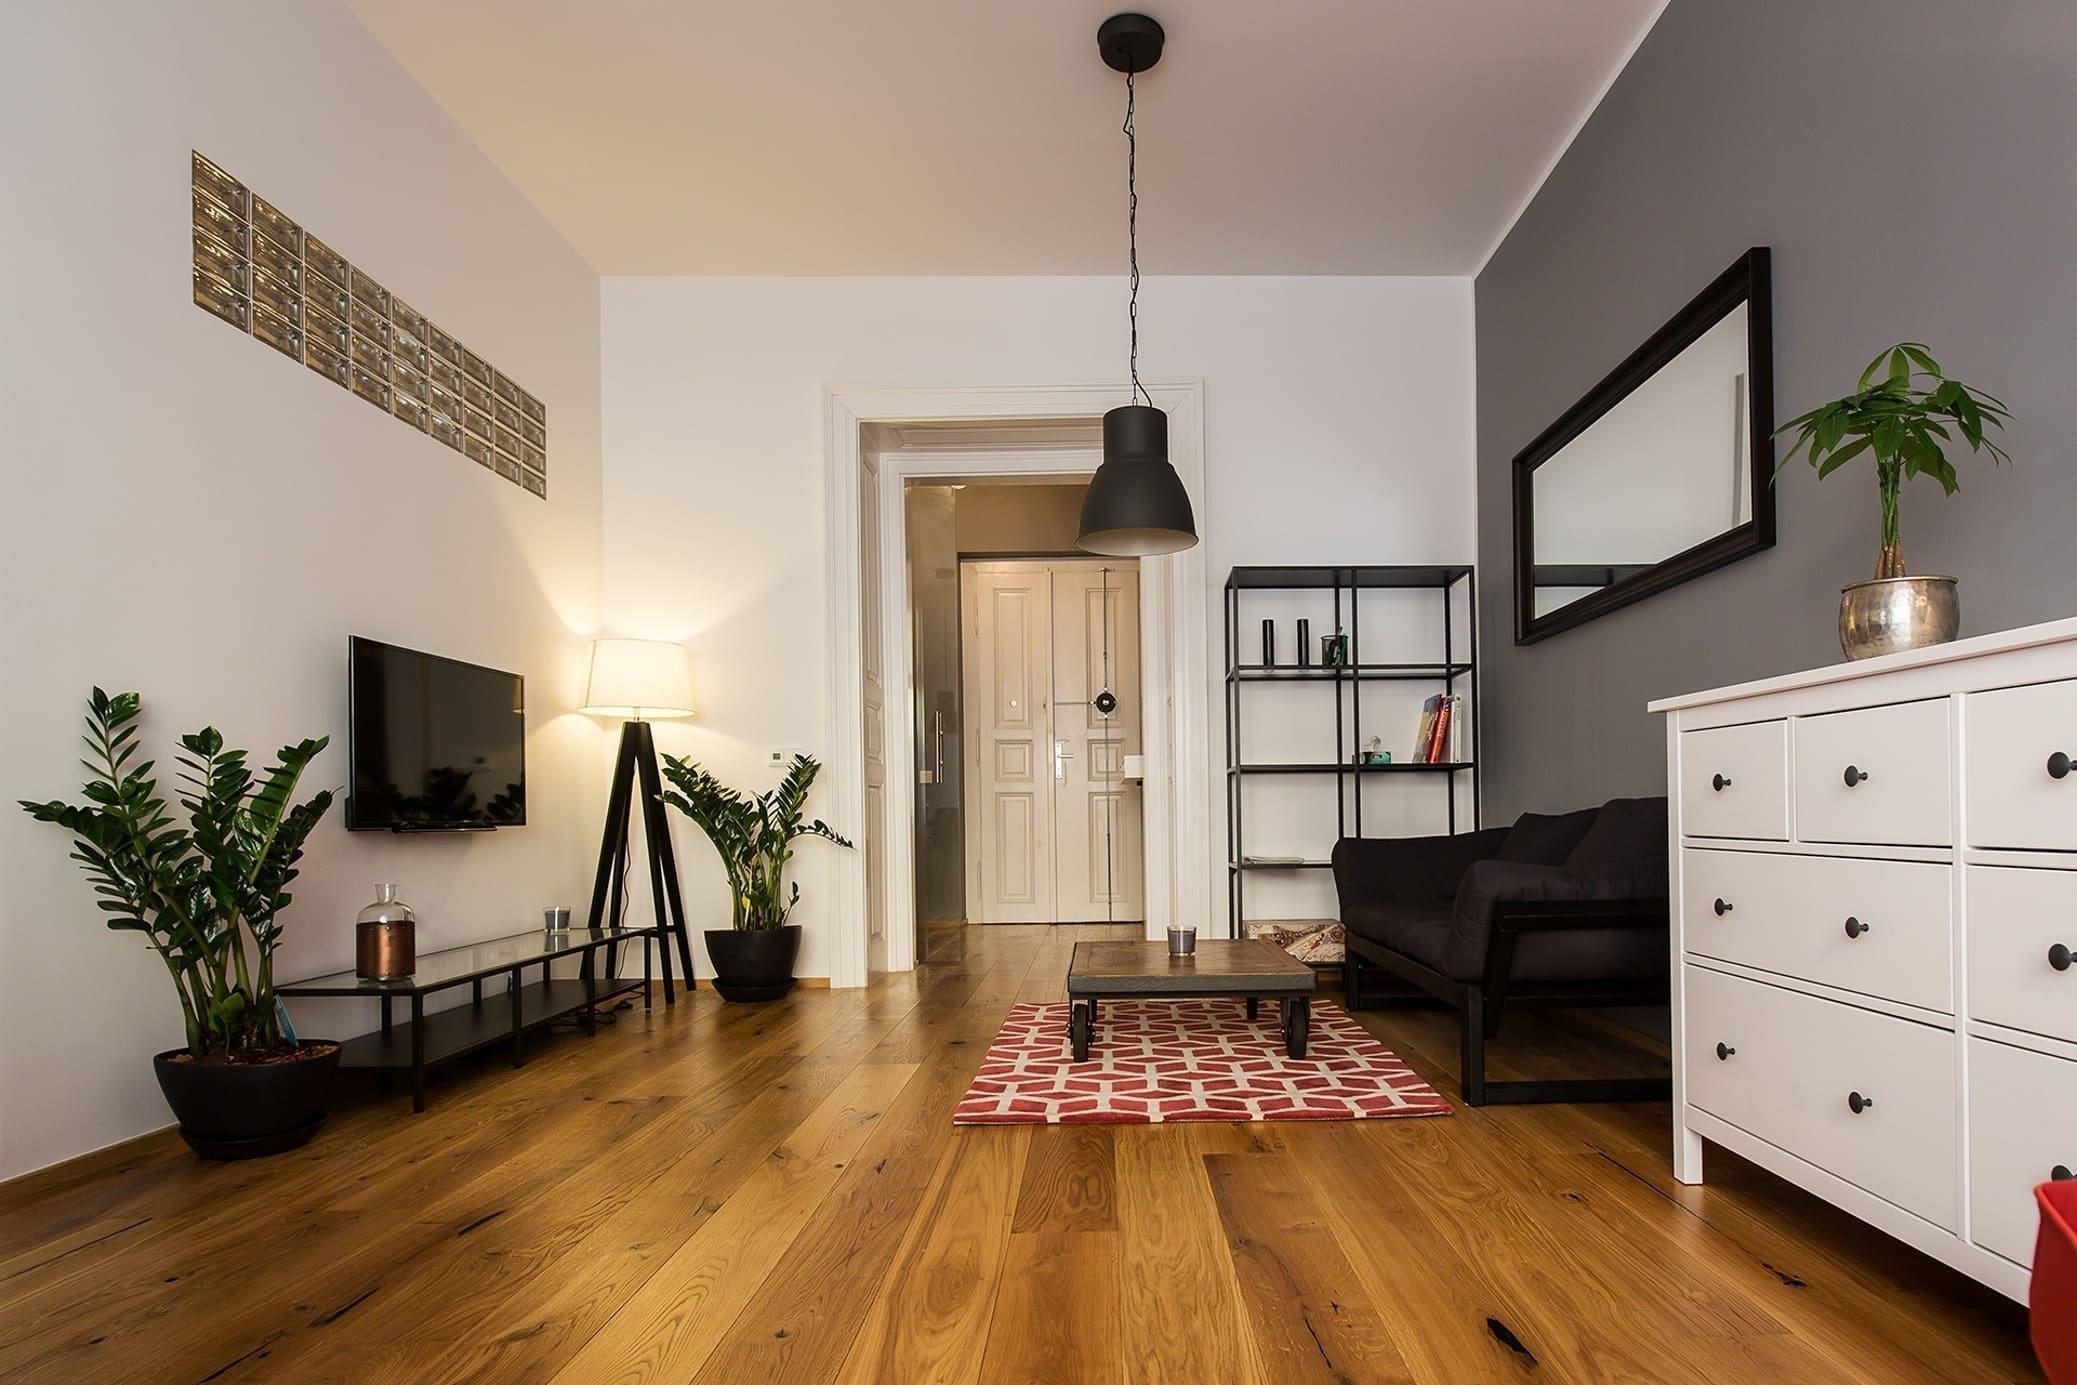 Industriální styl spolu s původními prvky interiéru